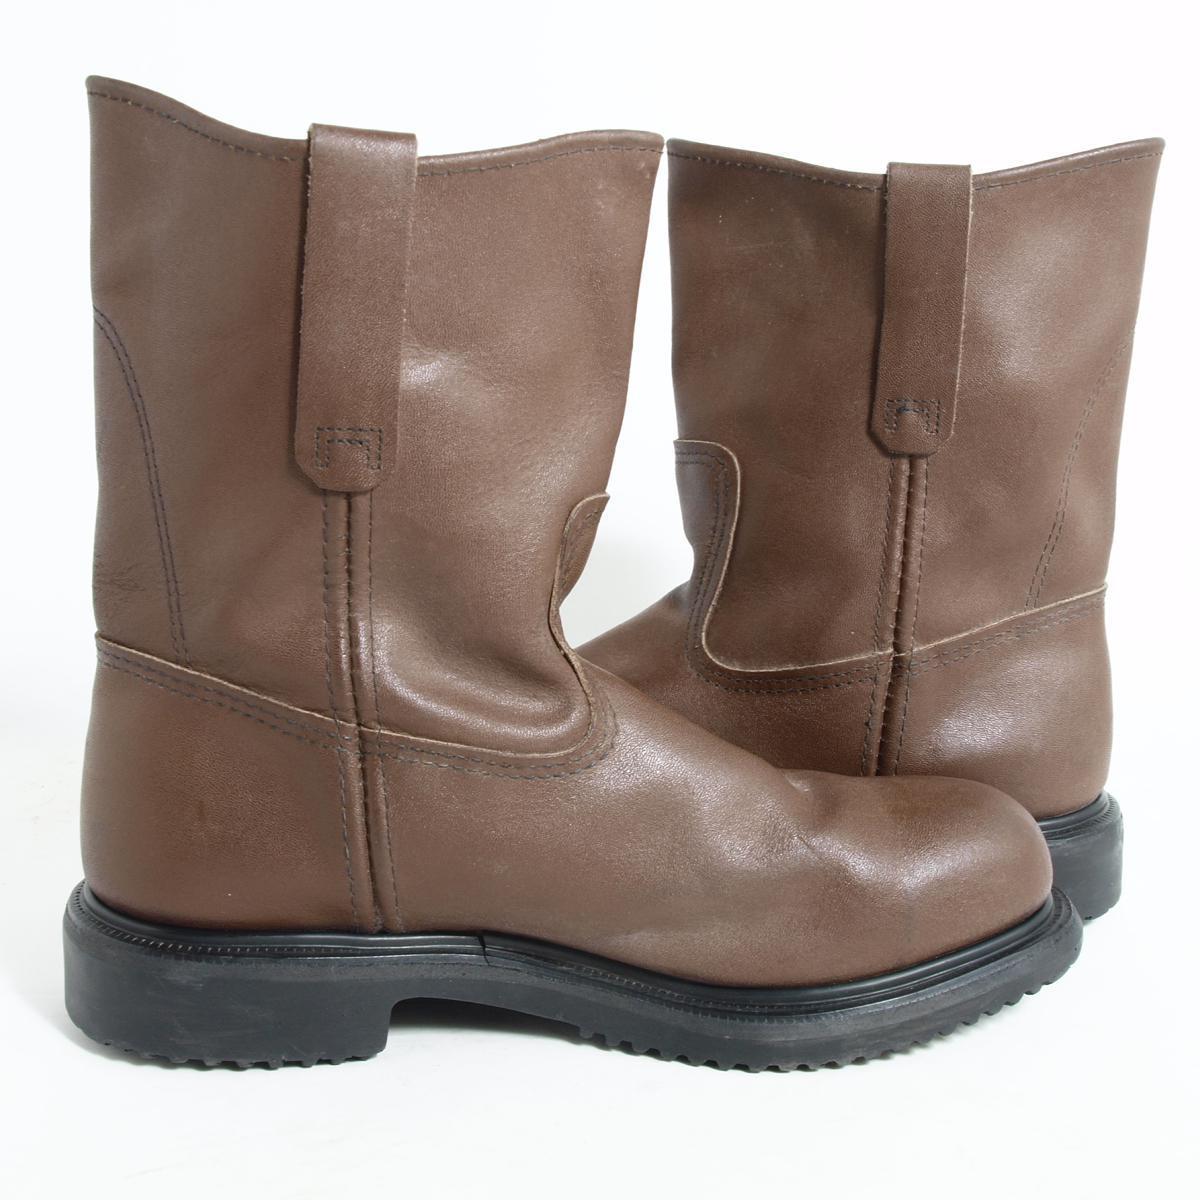 VINTAGE CLOTHING JAM TRADING | Rakuten Global Market: Pekoe boots ...